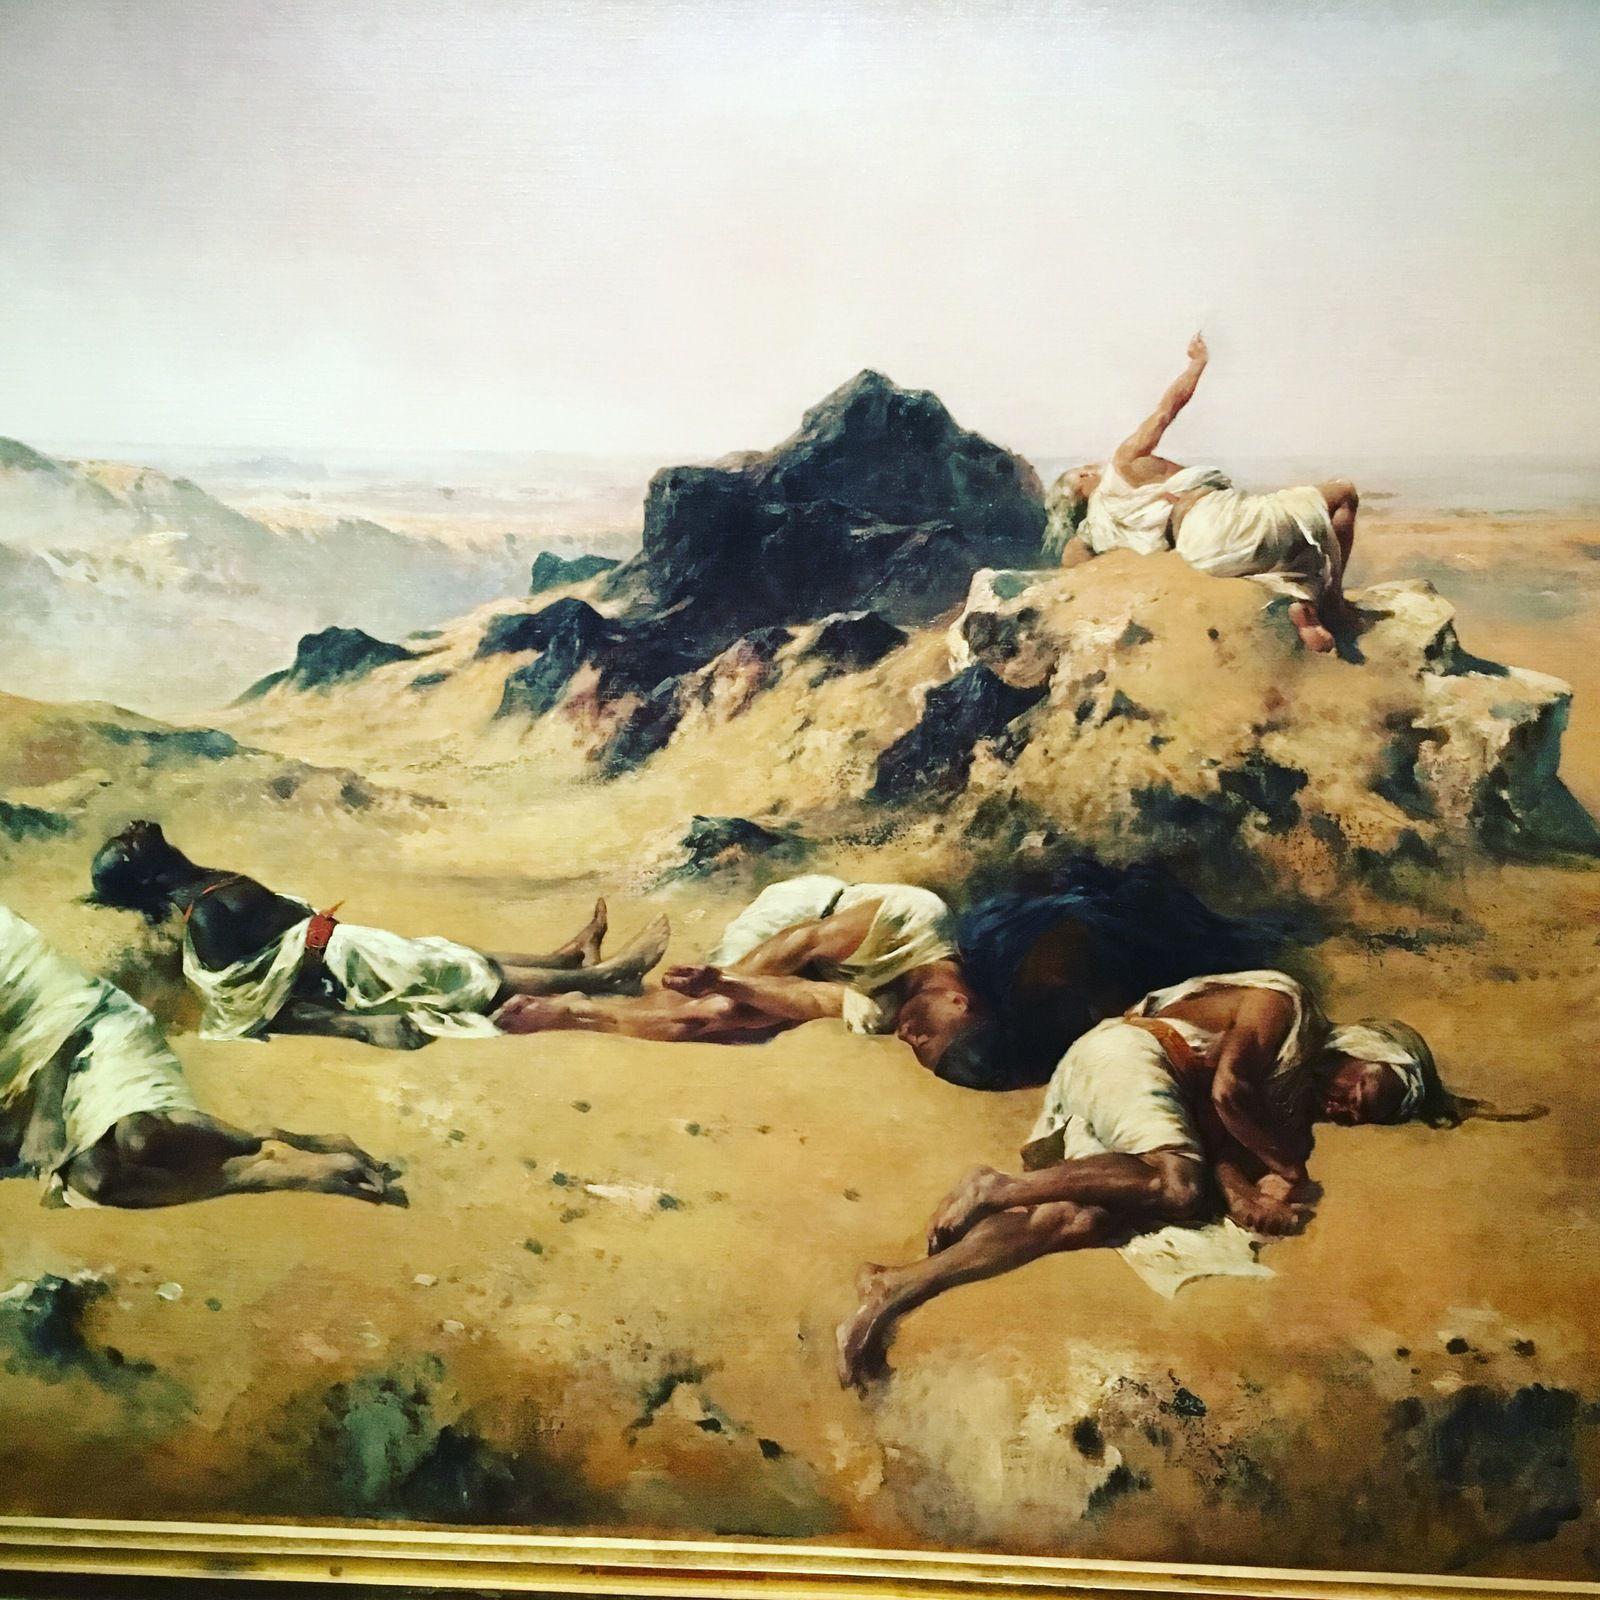 saison, thème, livres, littérature, Fromentin, Sahel